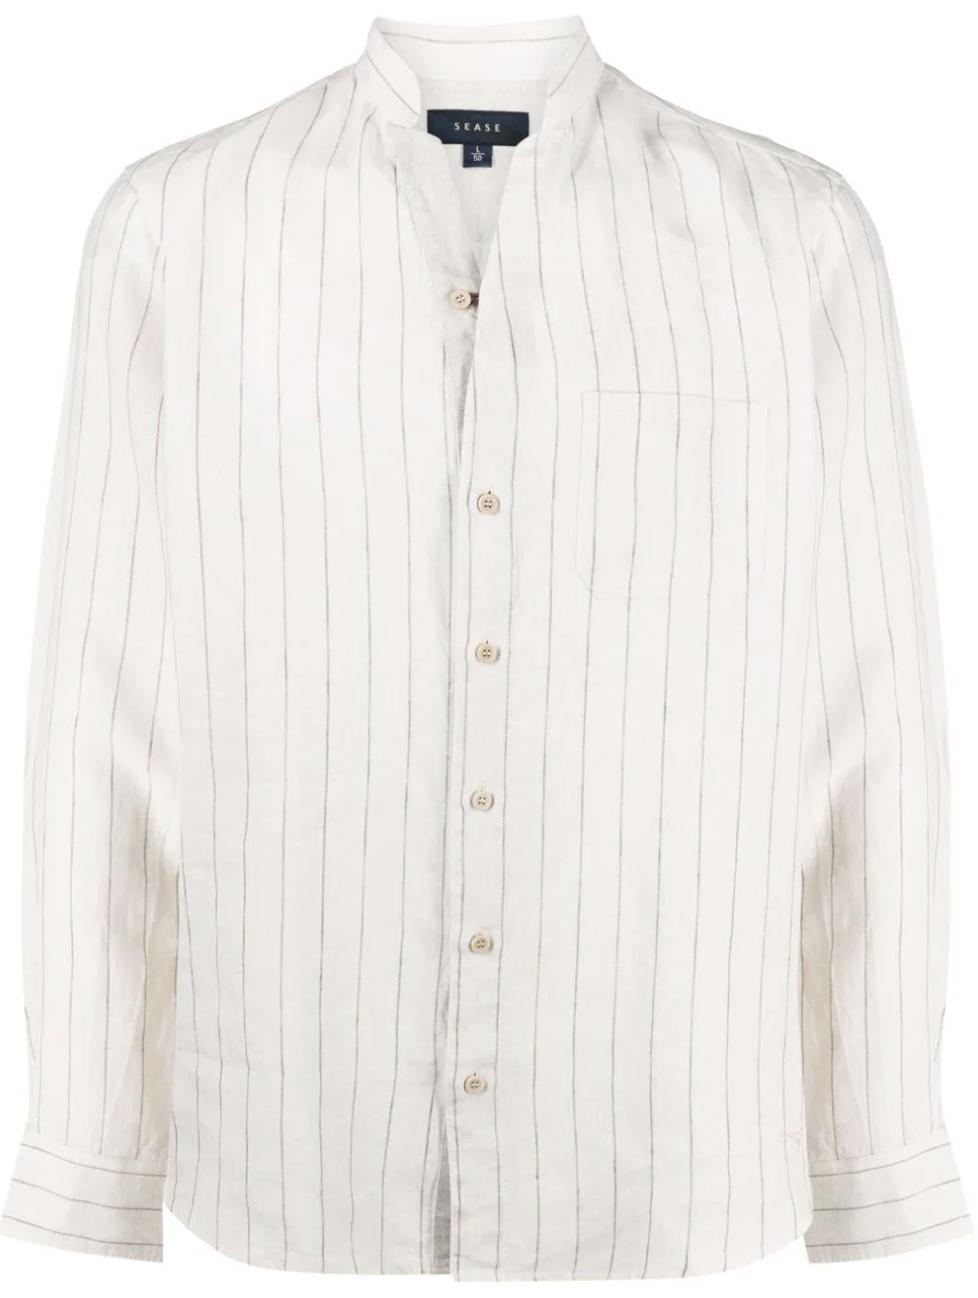 Camisa de Sease / Foto: Farfetch